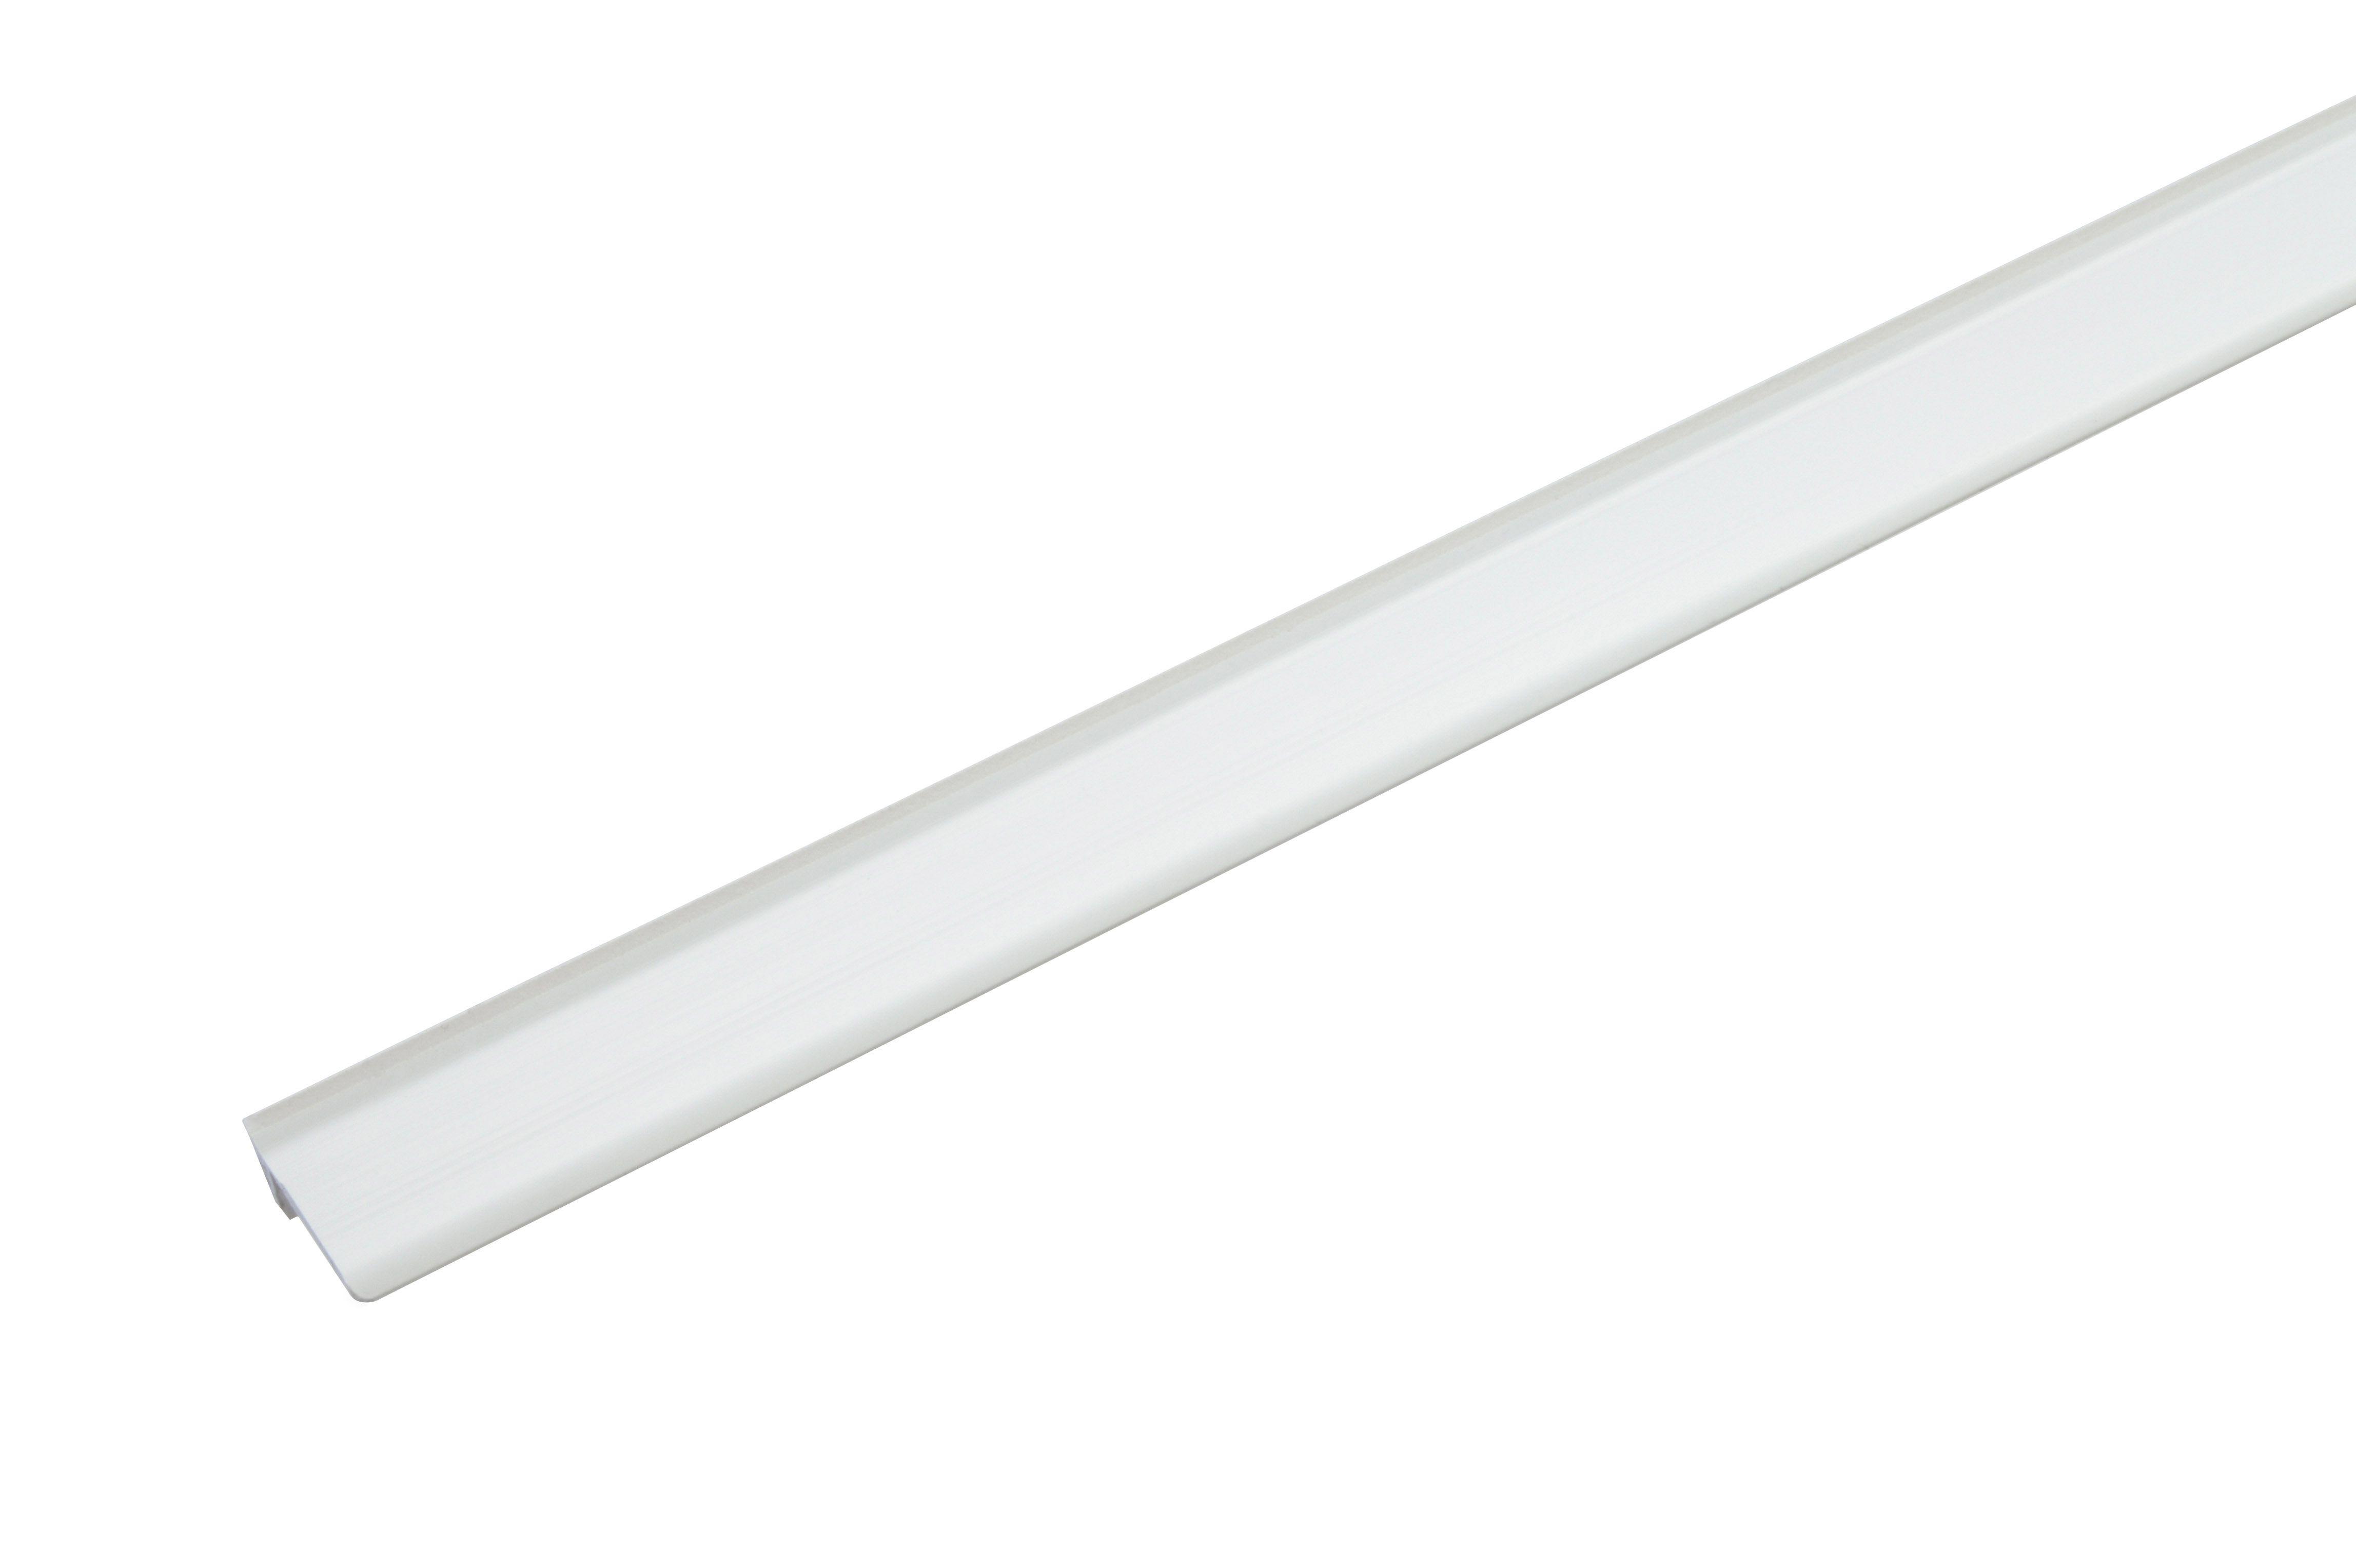 White Plastic Floor Edge Trim 2 X2 M Departments